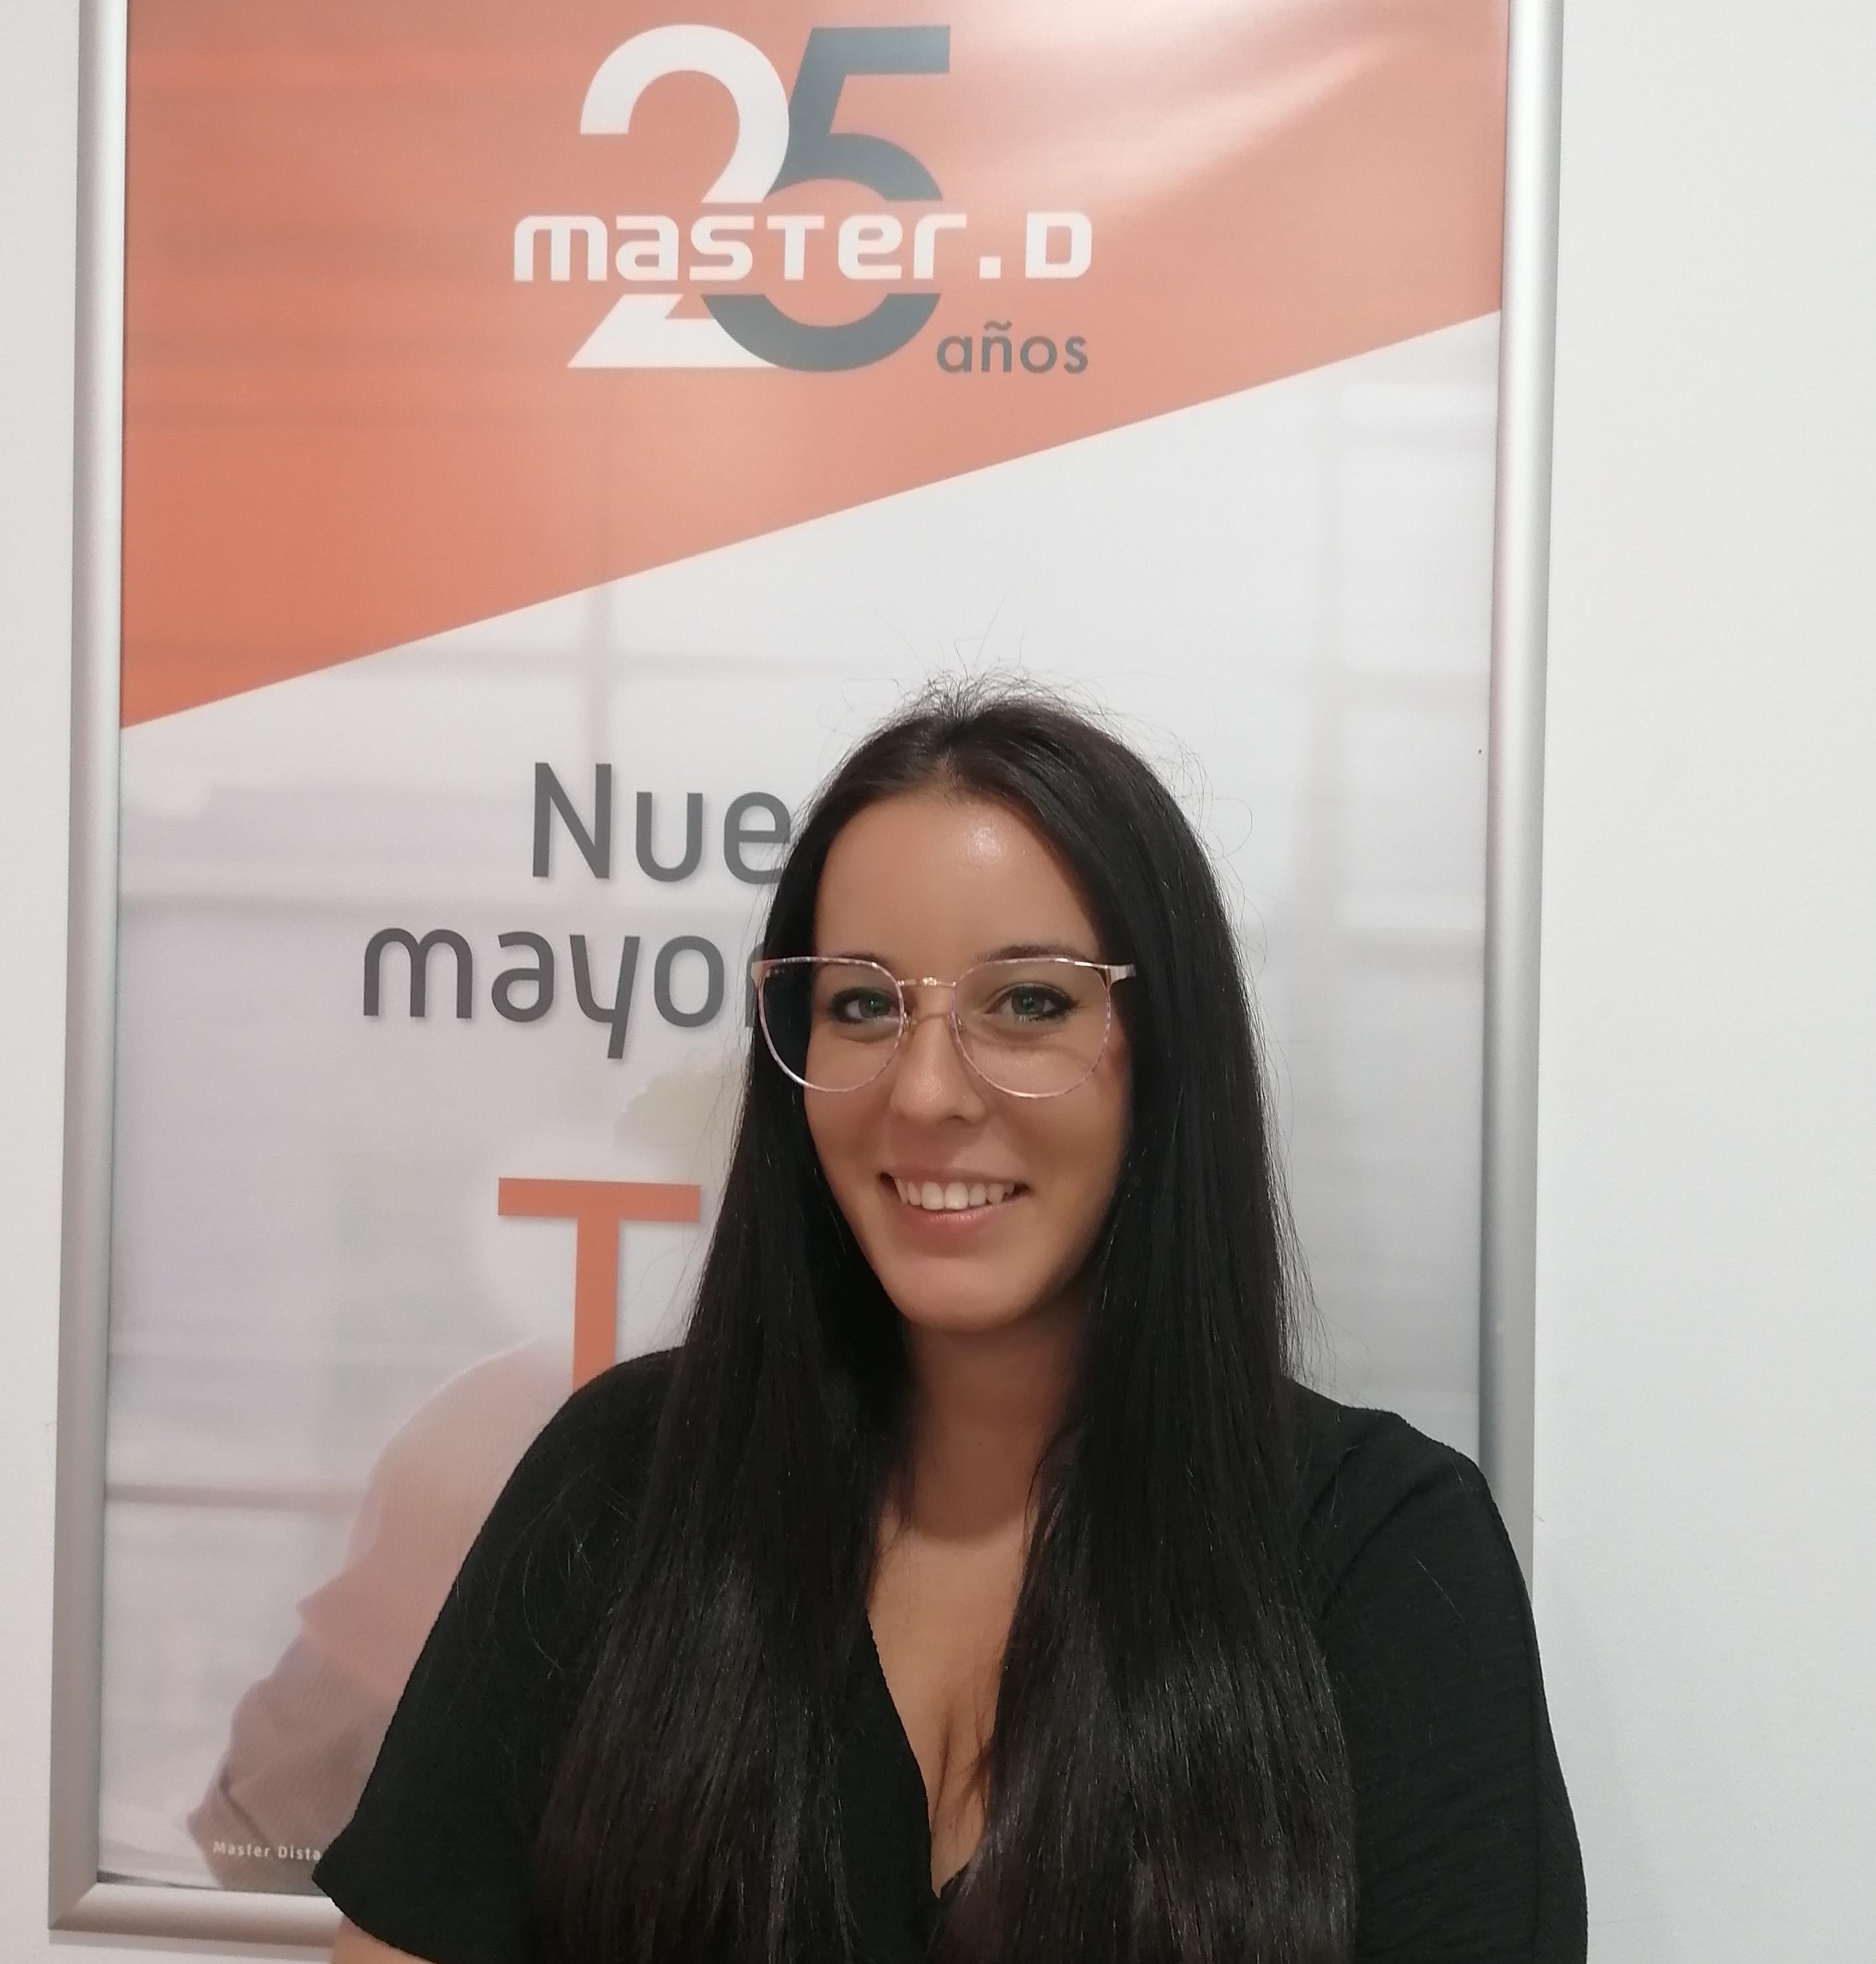 Alba María Díaz Teba